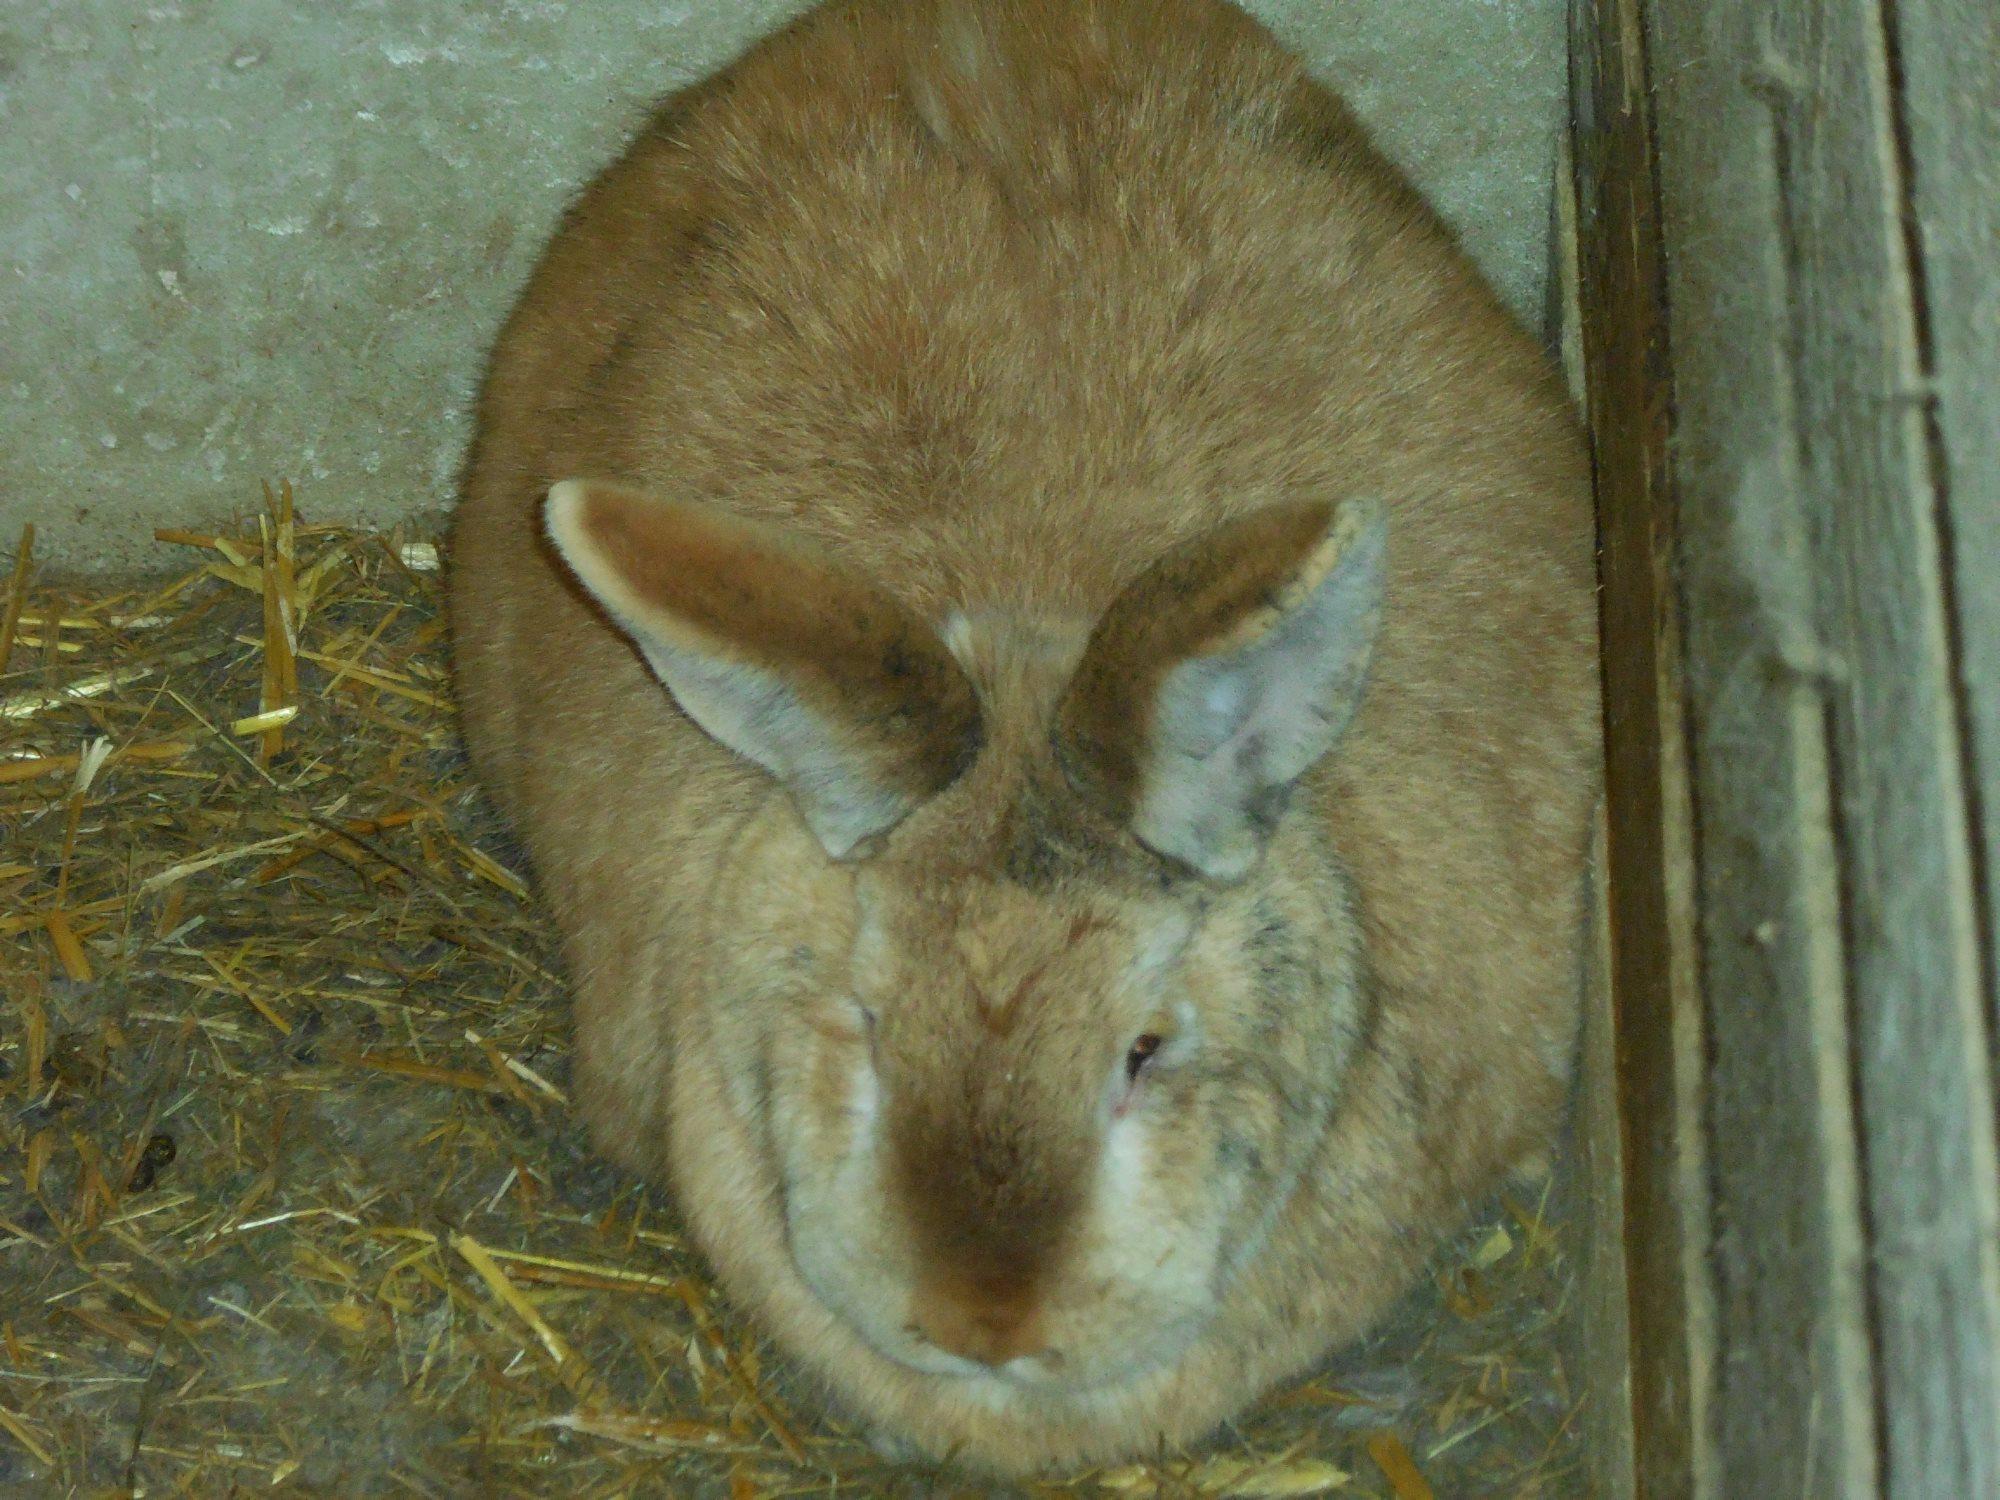 kaninchen-napf-stall-hoppel01 Hoppel wünscht sich zu Ostern...